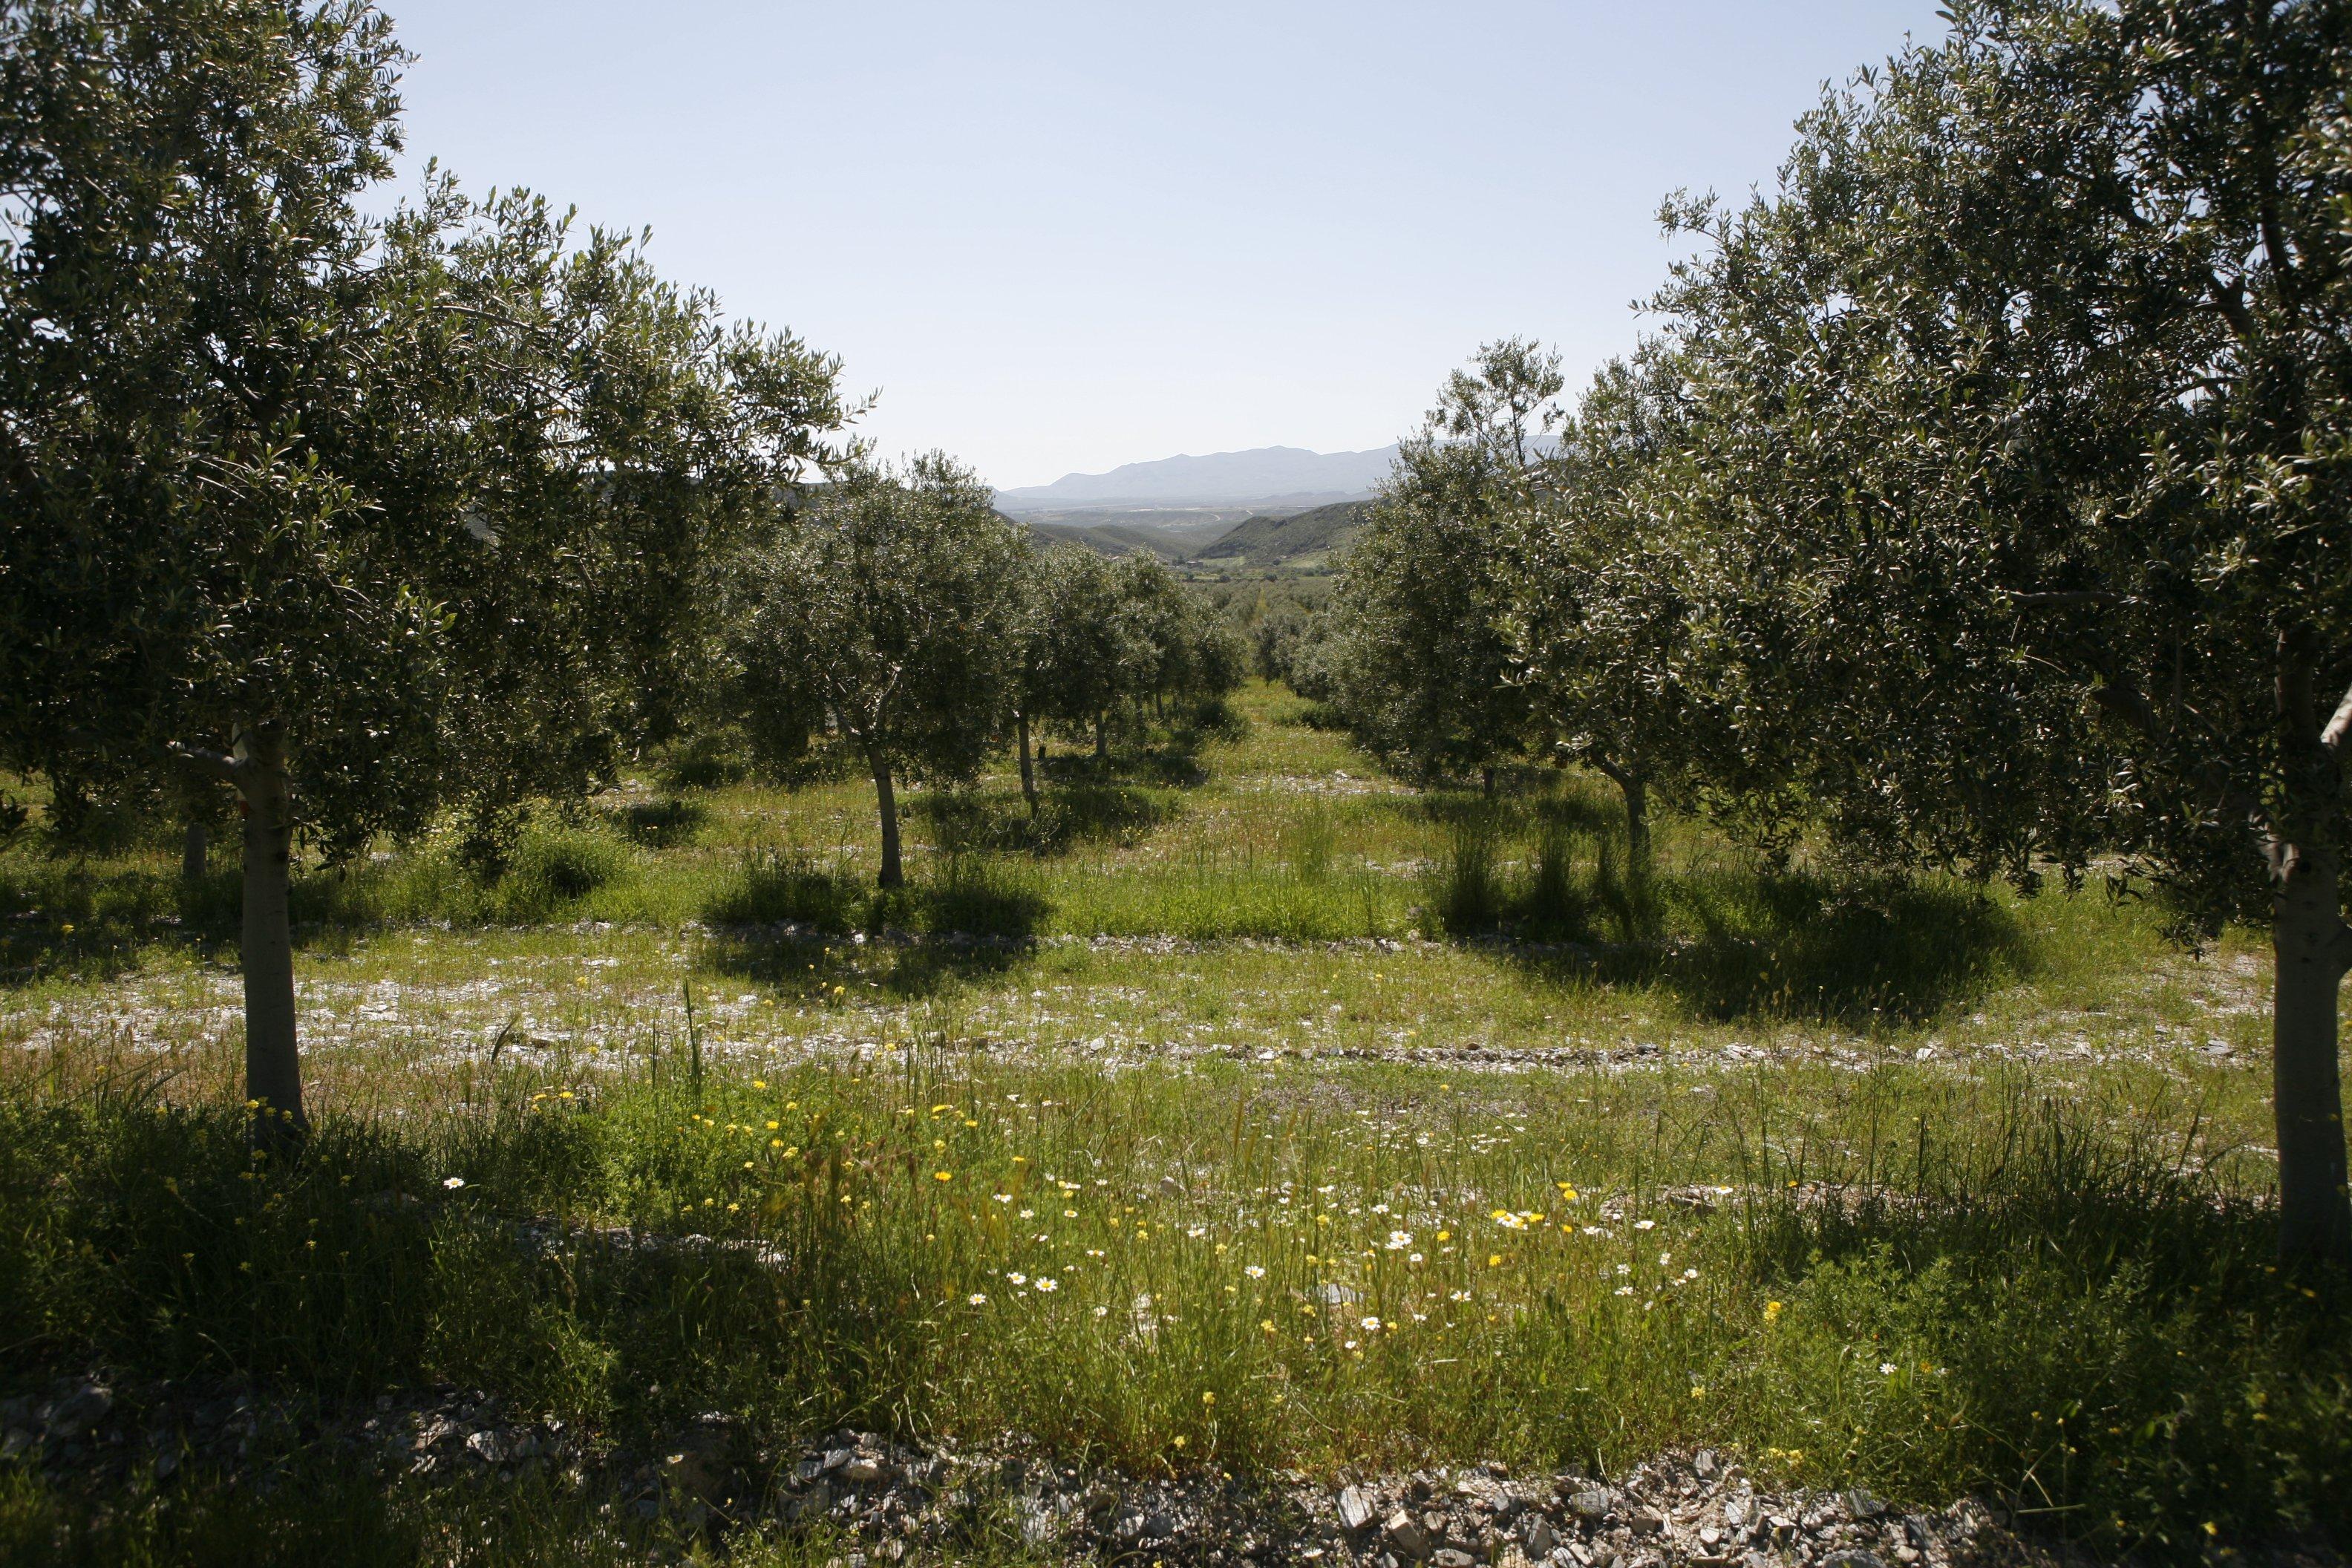 el olivar como ecosistema